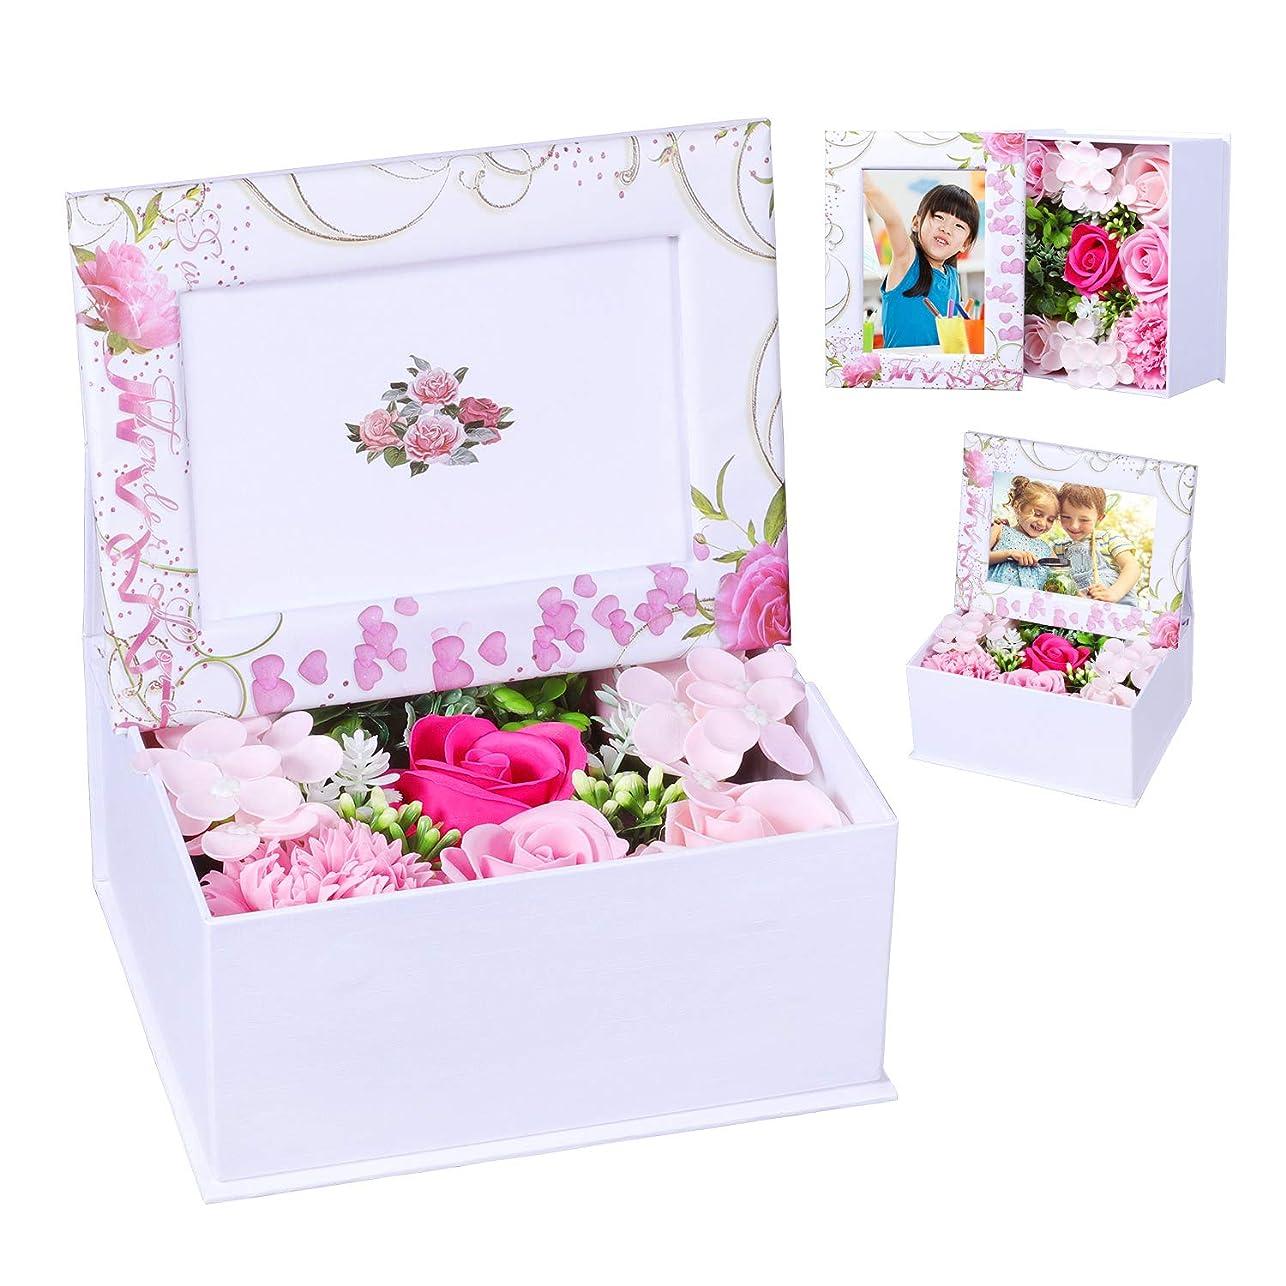 パブ最大限のバラ型ソープフラワー ハートフラワー形状ギフトボックス 誕生日 母の日 記念日 先生の日 バレンタインデー 昇進 転居など最適としてのプレゼント